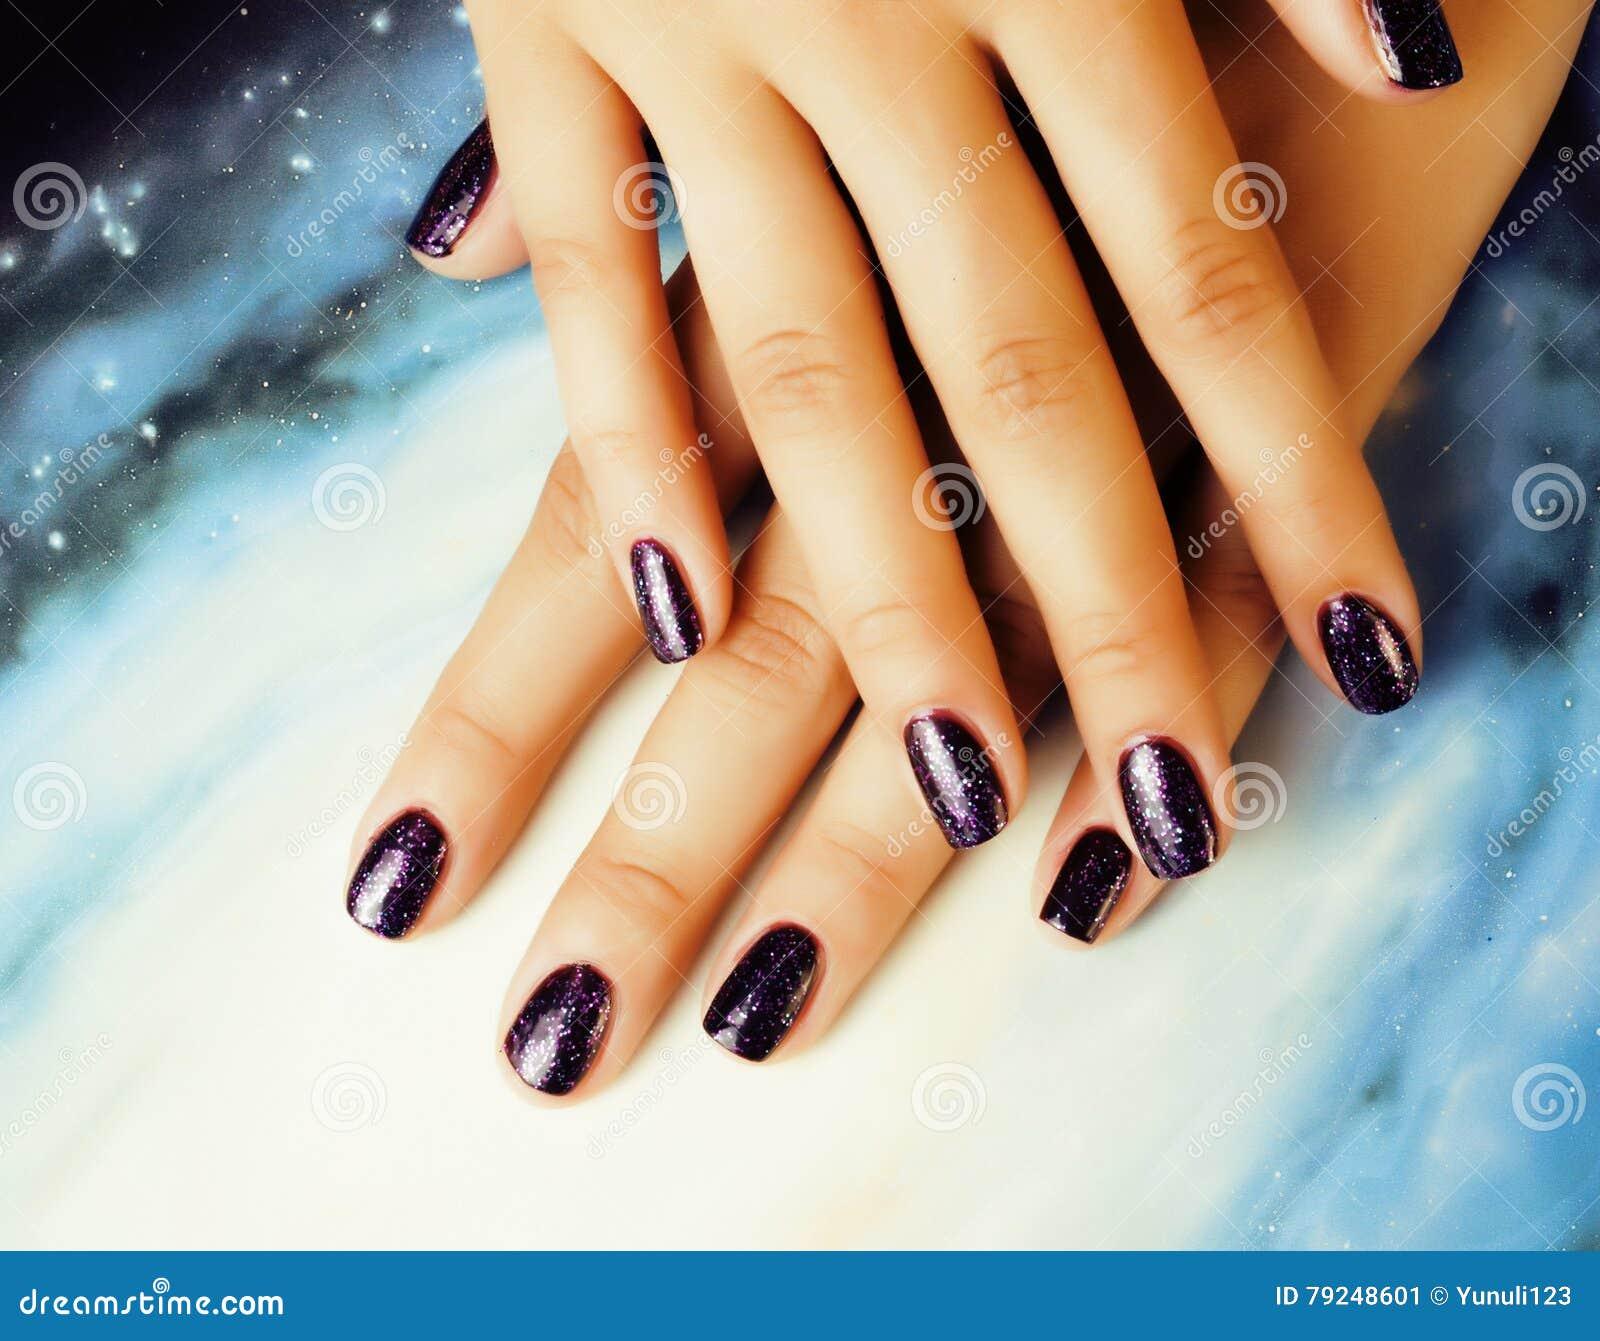 Μοντέρνη έννοια μανικιούρ: τα δάχτυλα γυναικών με την πορφύρα καρφιών ακτινοβολούν στα καρφιά όπως τον κόσμο, υπόβαθρο κόσμου